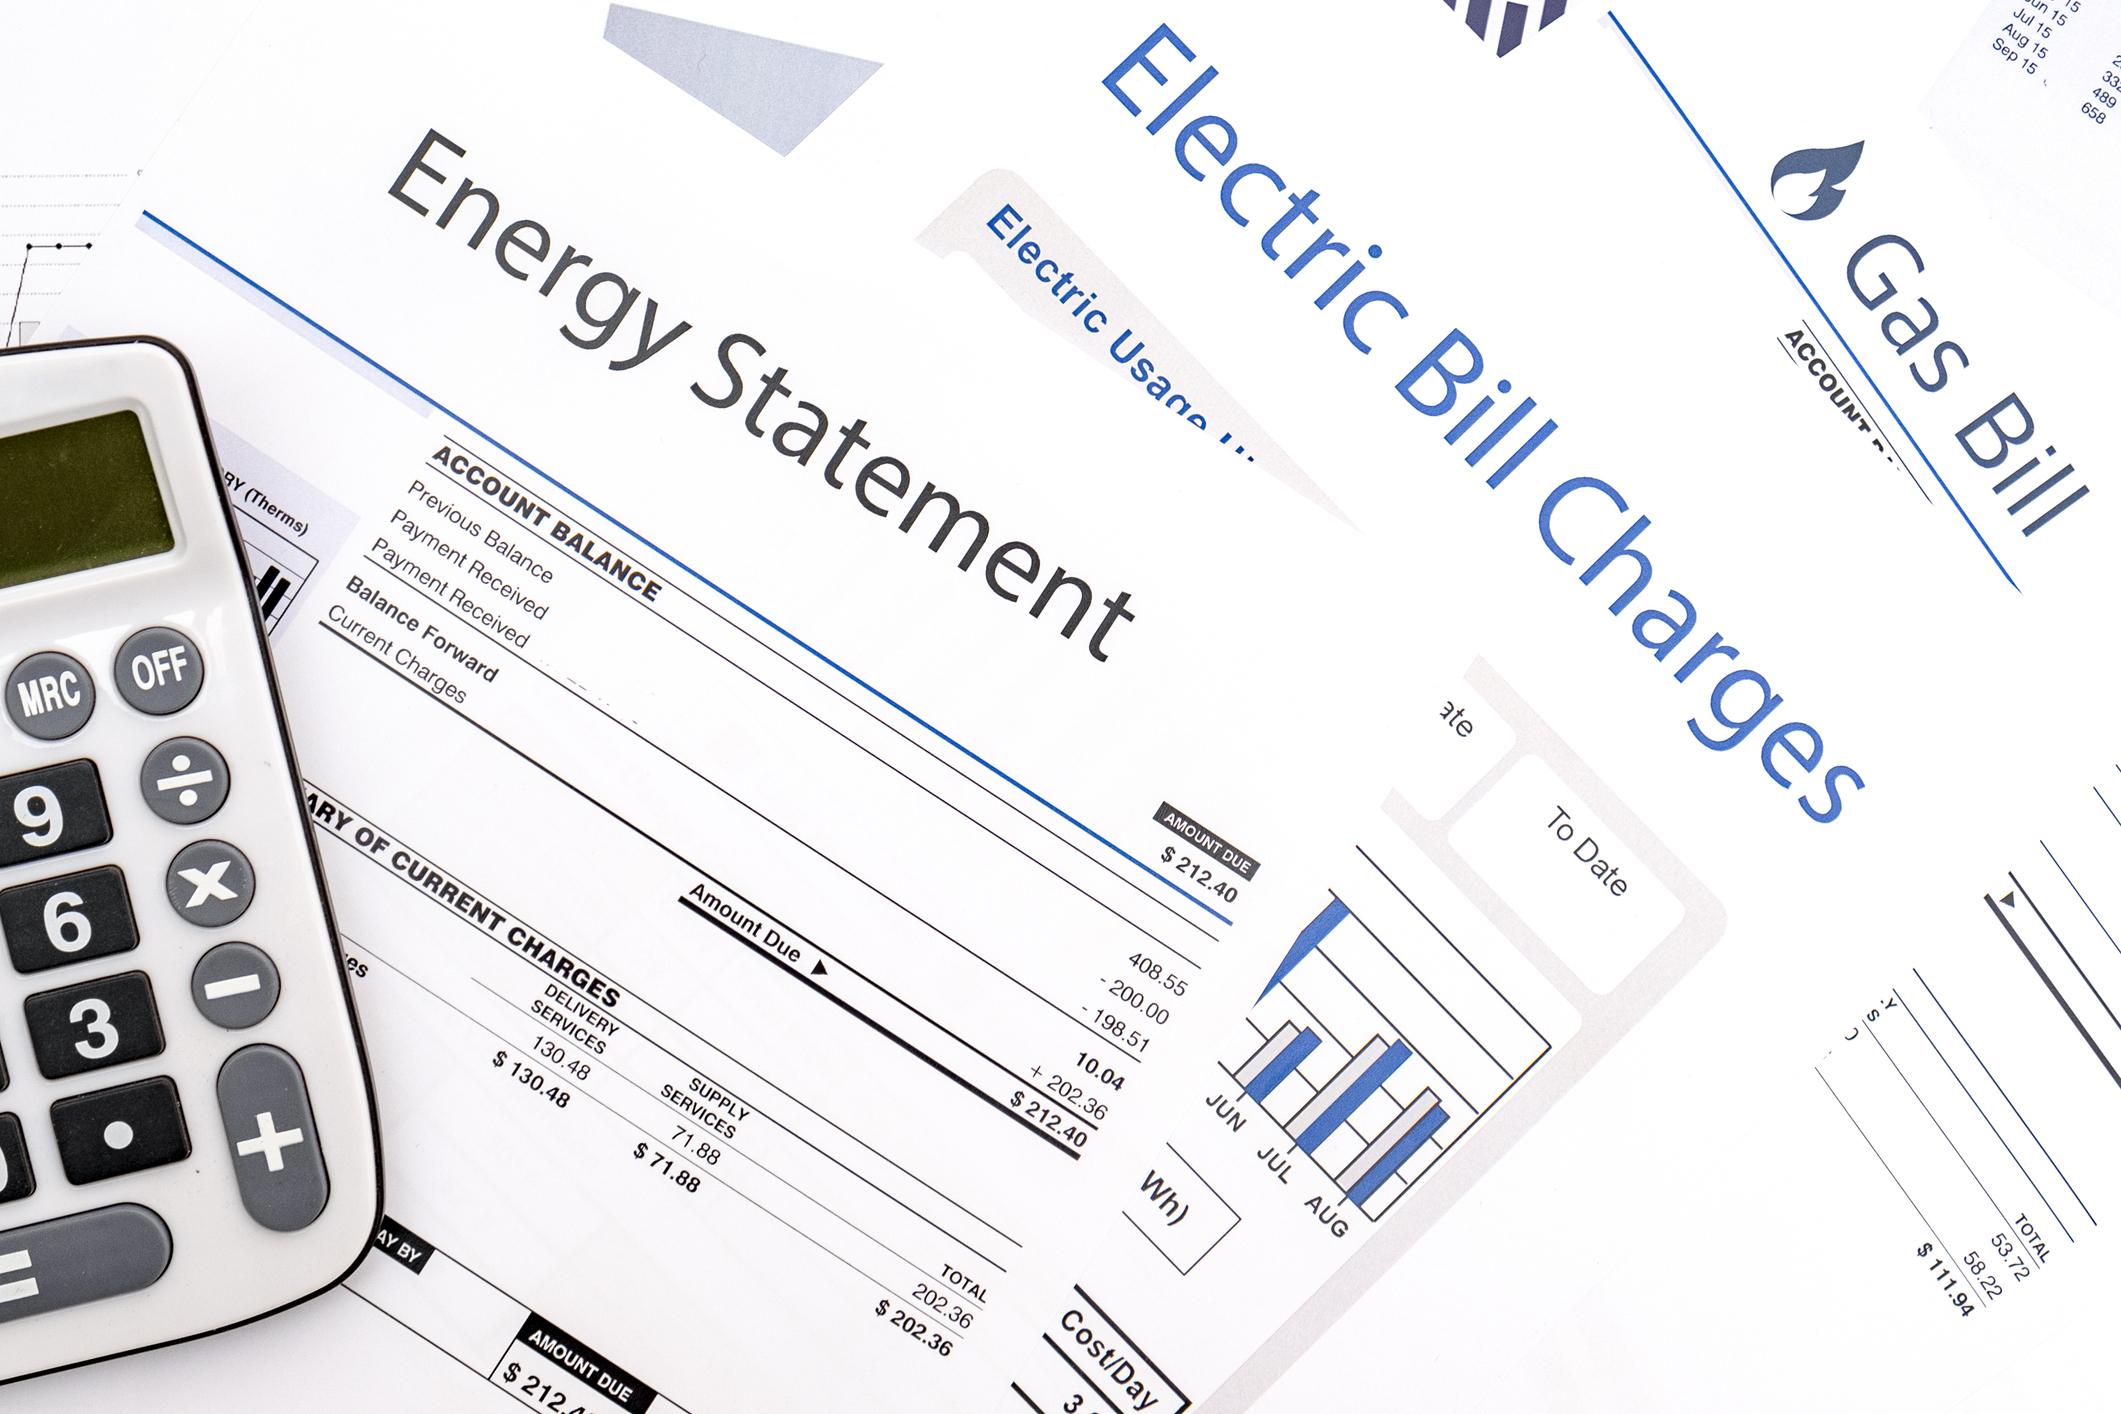 Safari Suite Retail Energy Billing and Customer Care